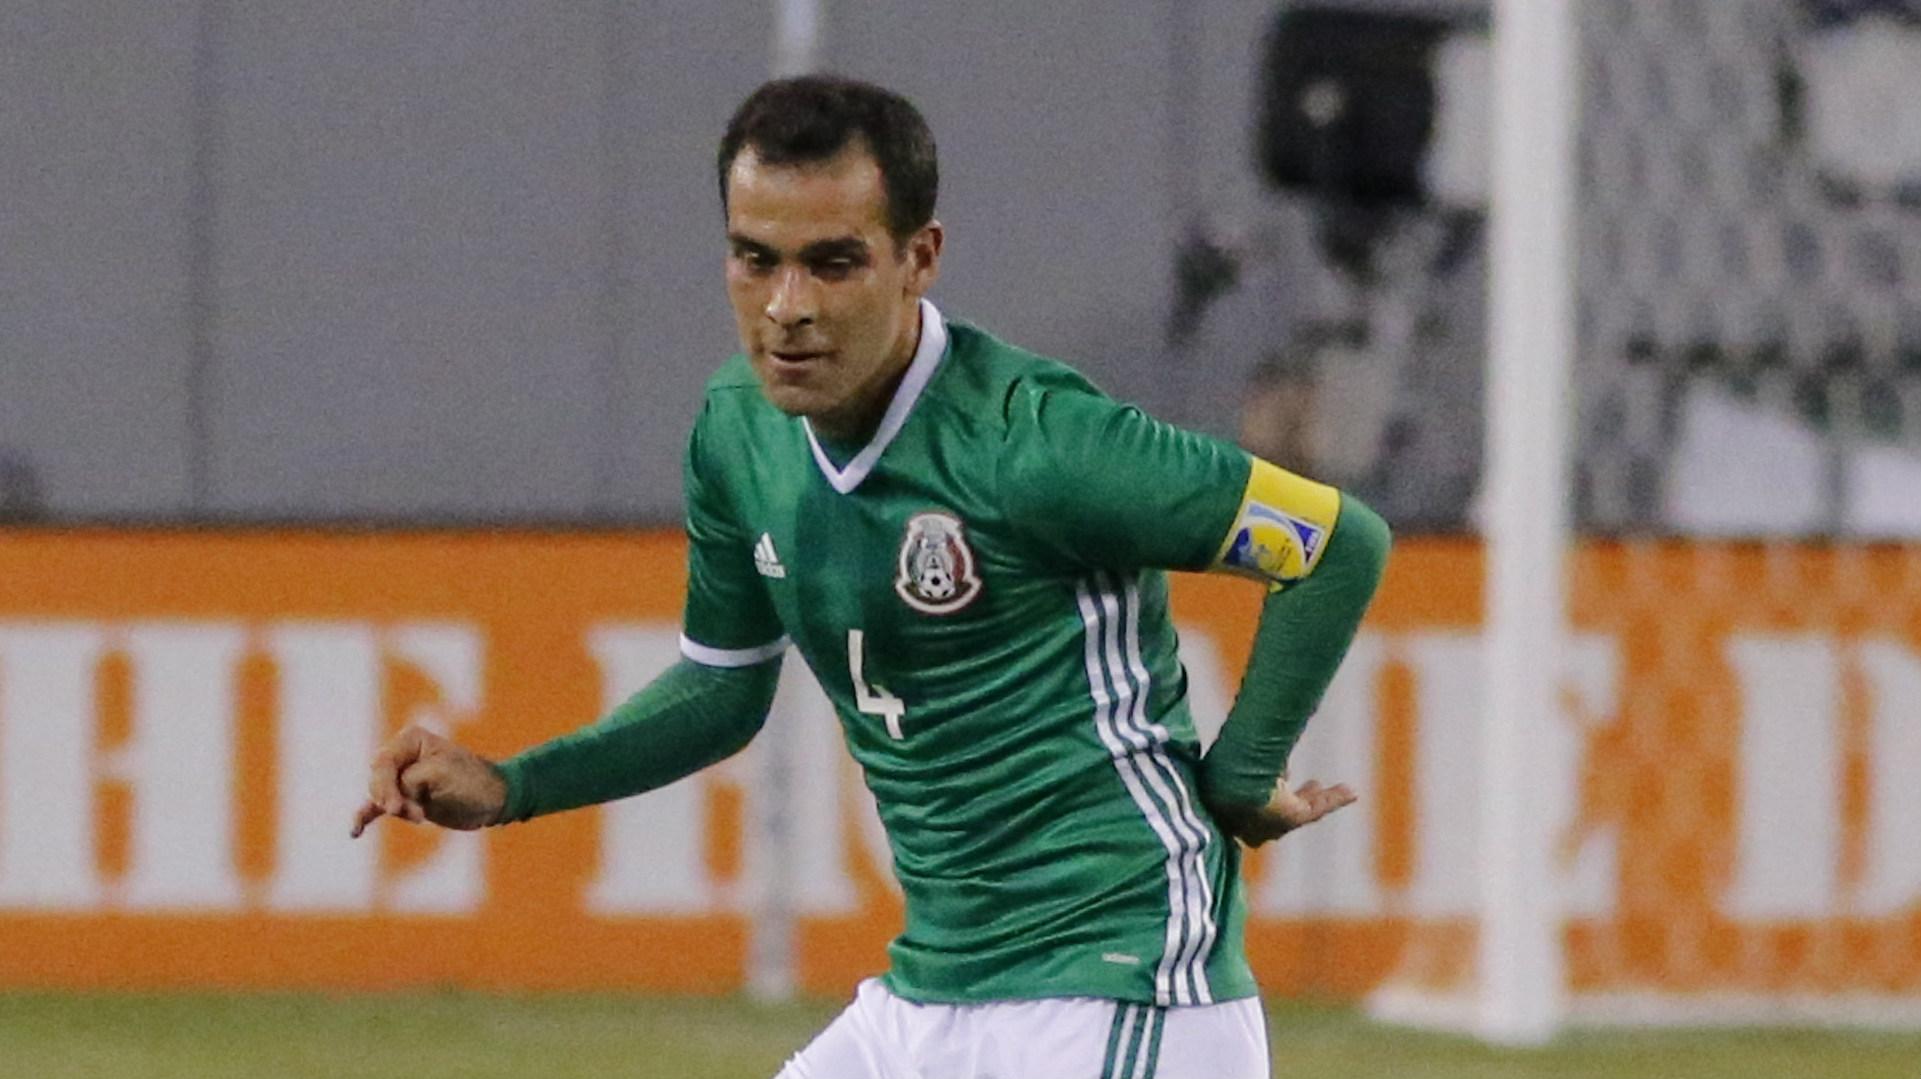 Gli Usa sanzionano il calciatore Rafa Marquez ex Verona